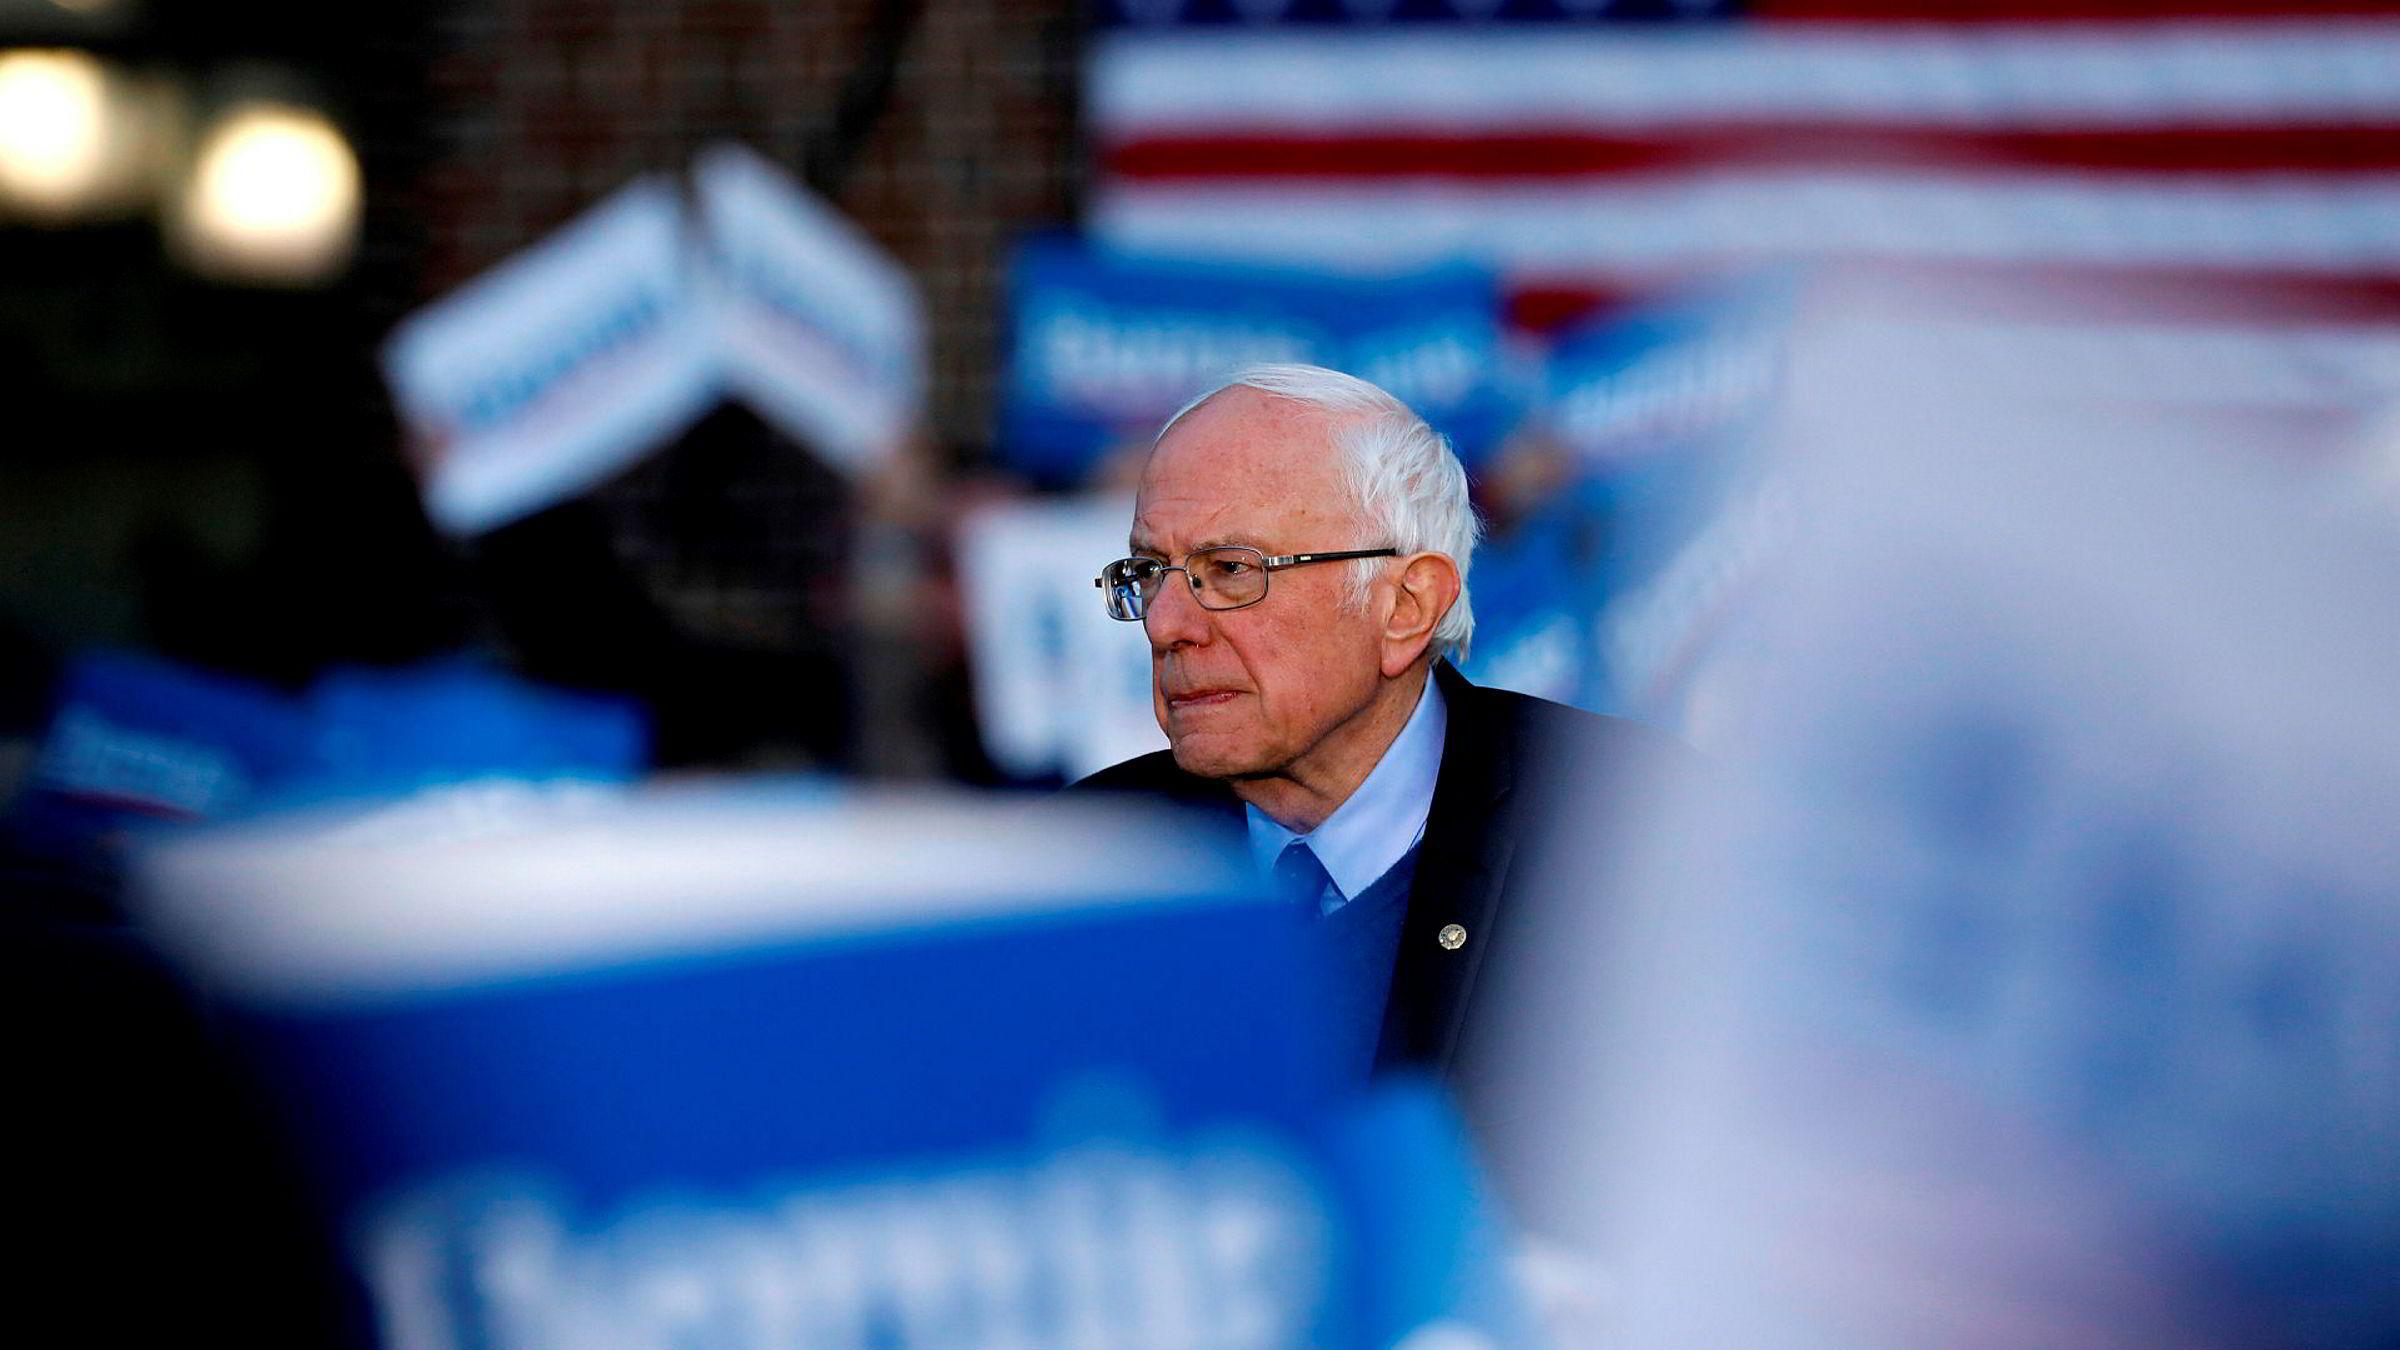 Den uavhengige senatoren Bernie Sanders trekker seg fra valgkampen.